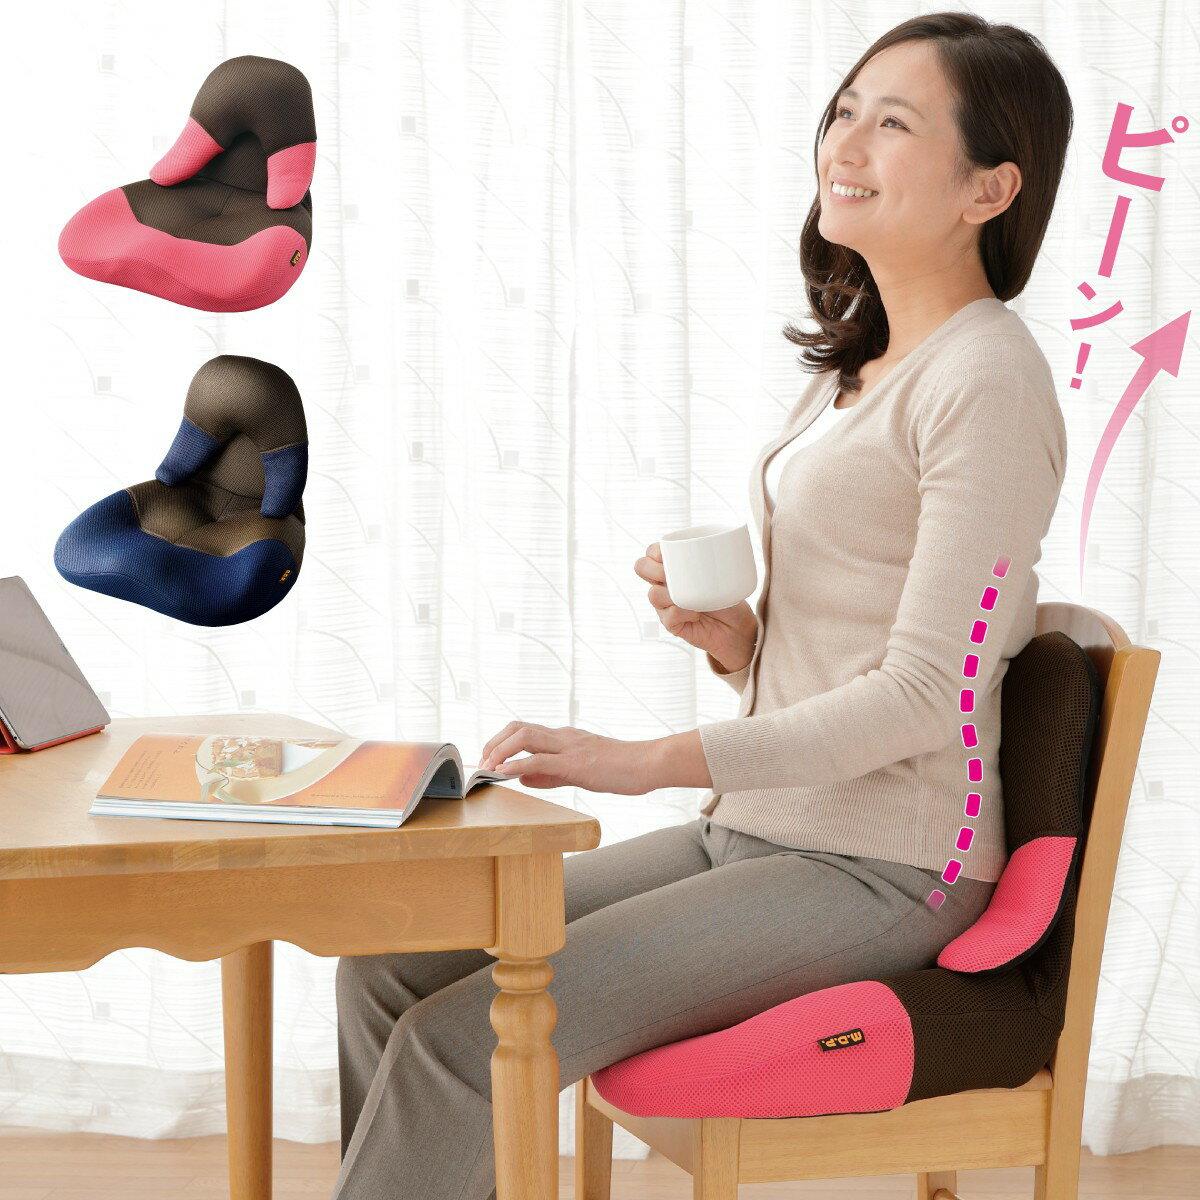 姿勢矯正 座椅子 腰痛 シートクッション イス用 勝野式 美姿勢習慣コンパクト